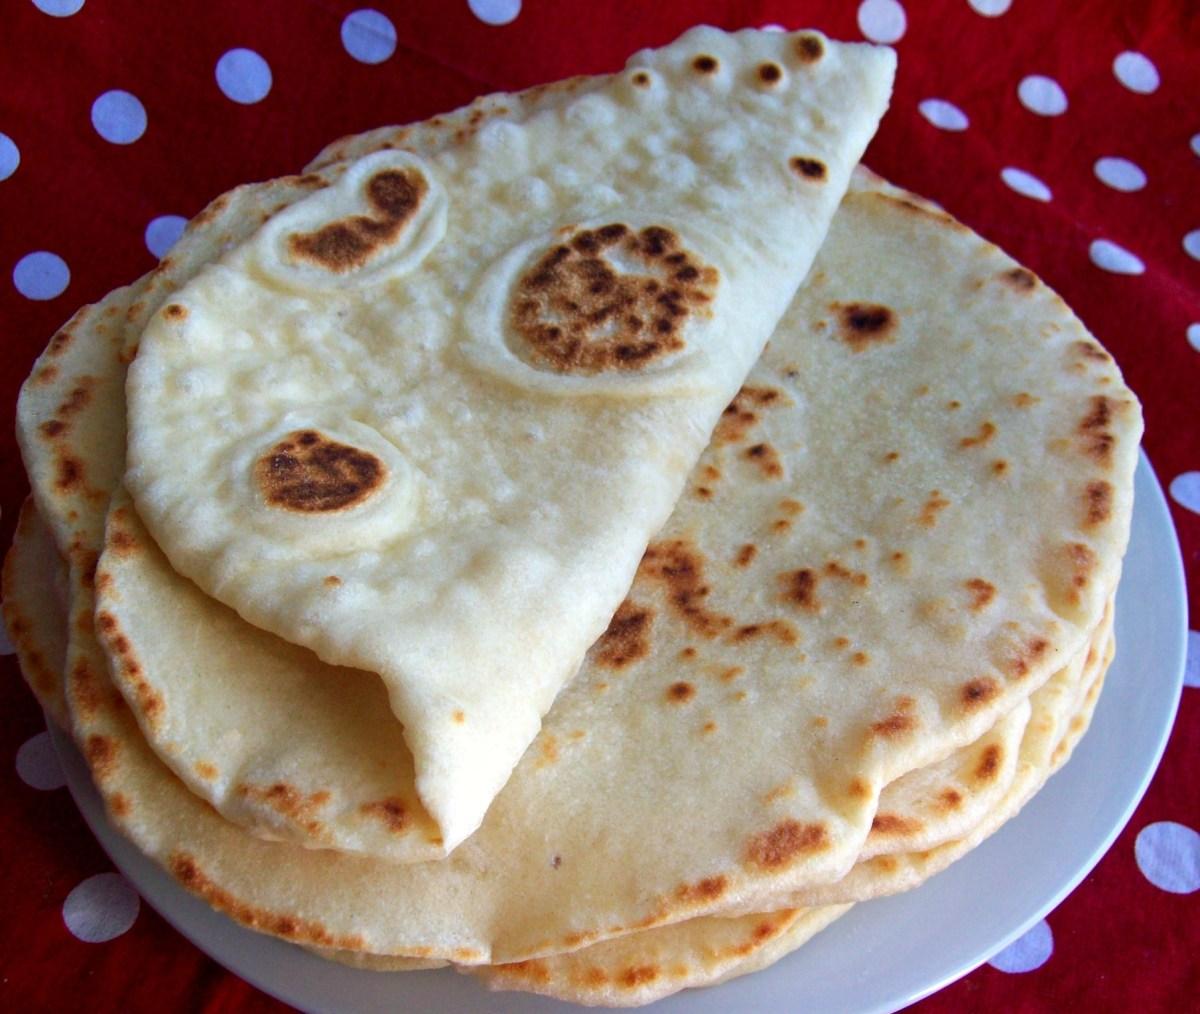 Nâans - ces petits pains indiens tout doux